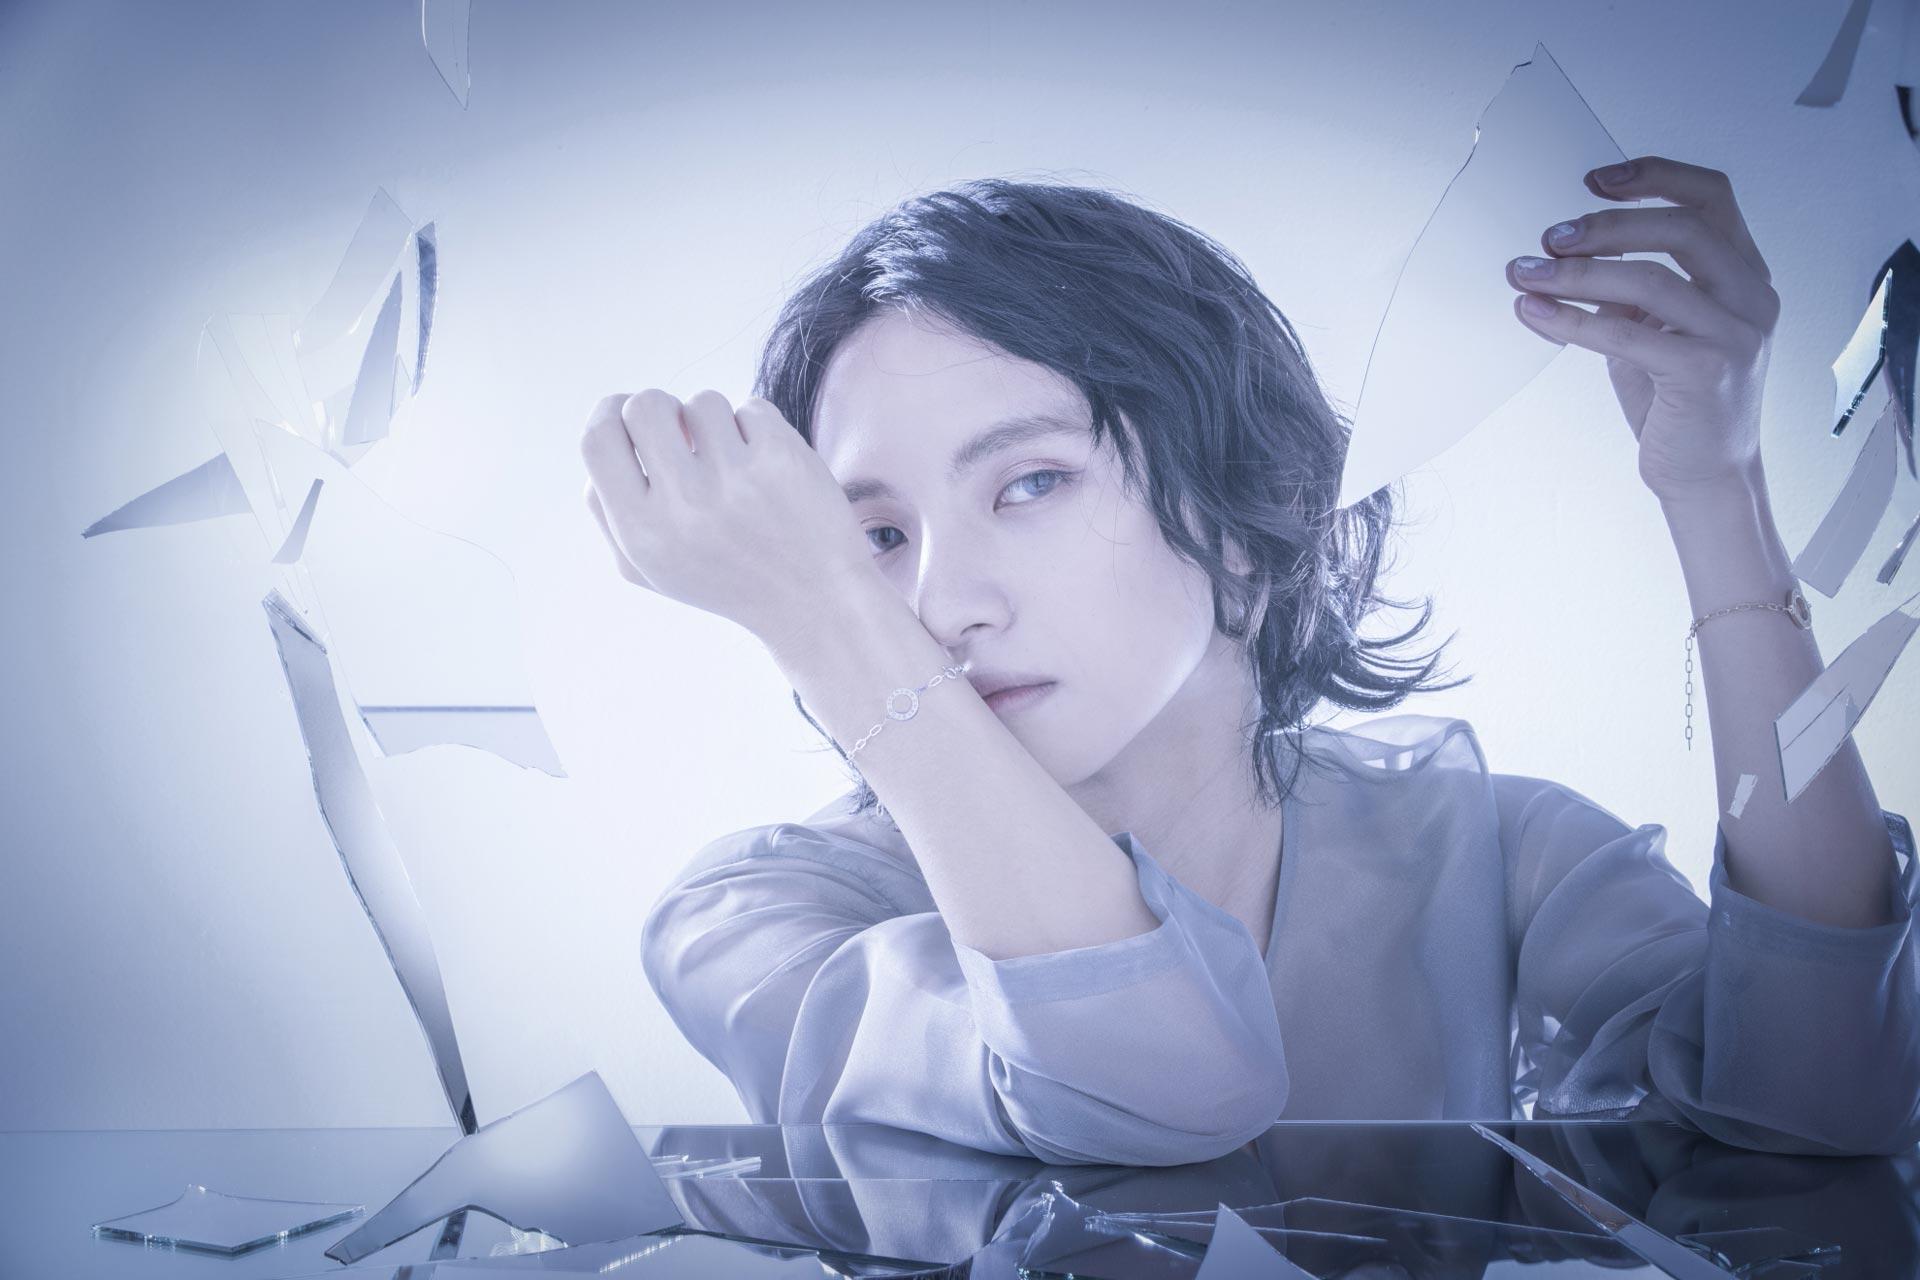 ウェブサイト(WEB)用、ジュエリー&アクセサリーファッション モデル メンズ撮影の写真です。クライアントはDUBです。(11o-193)